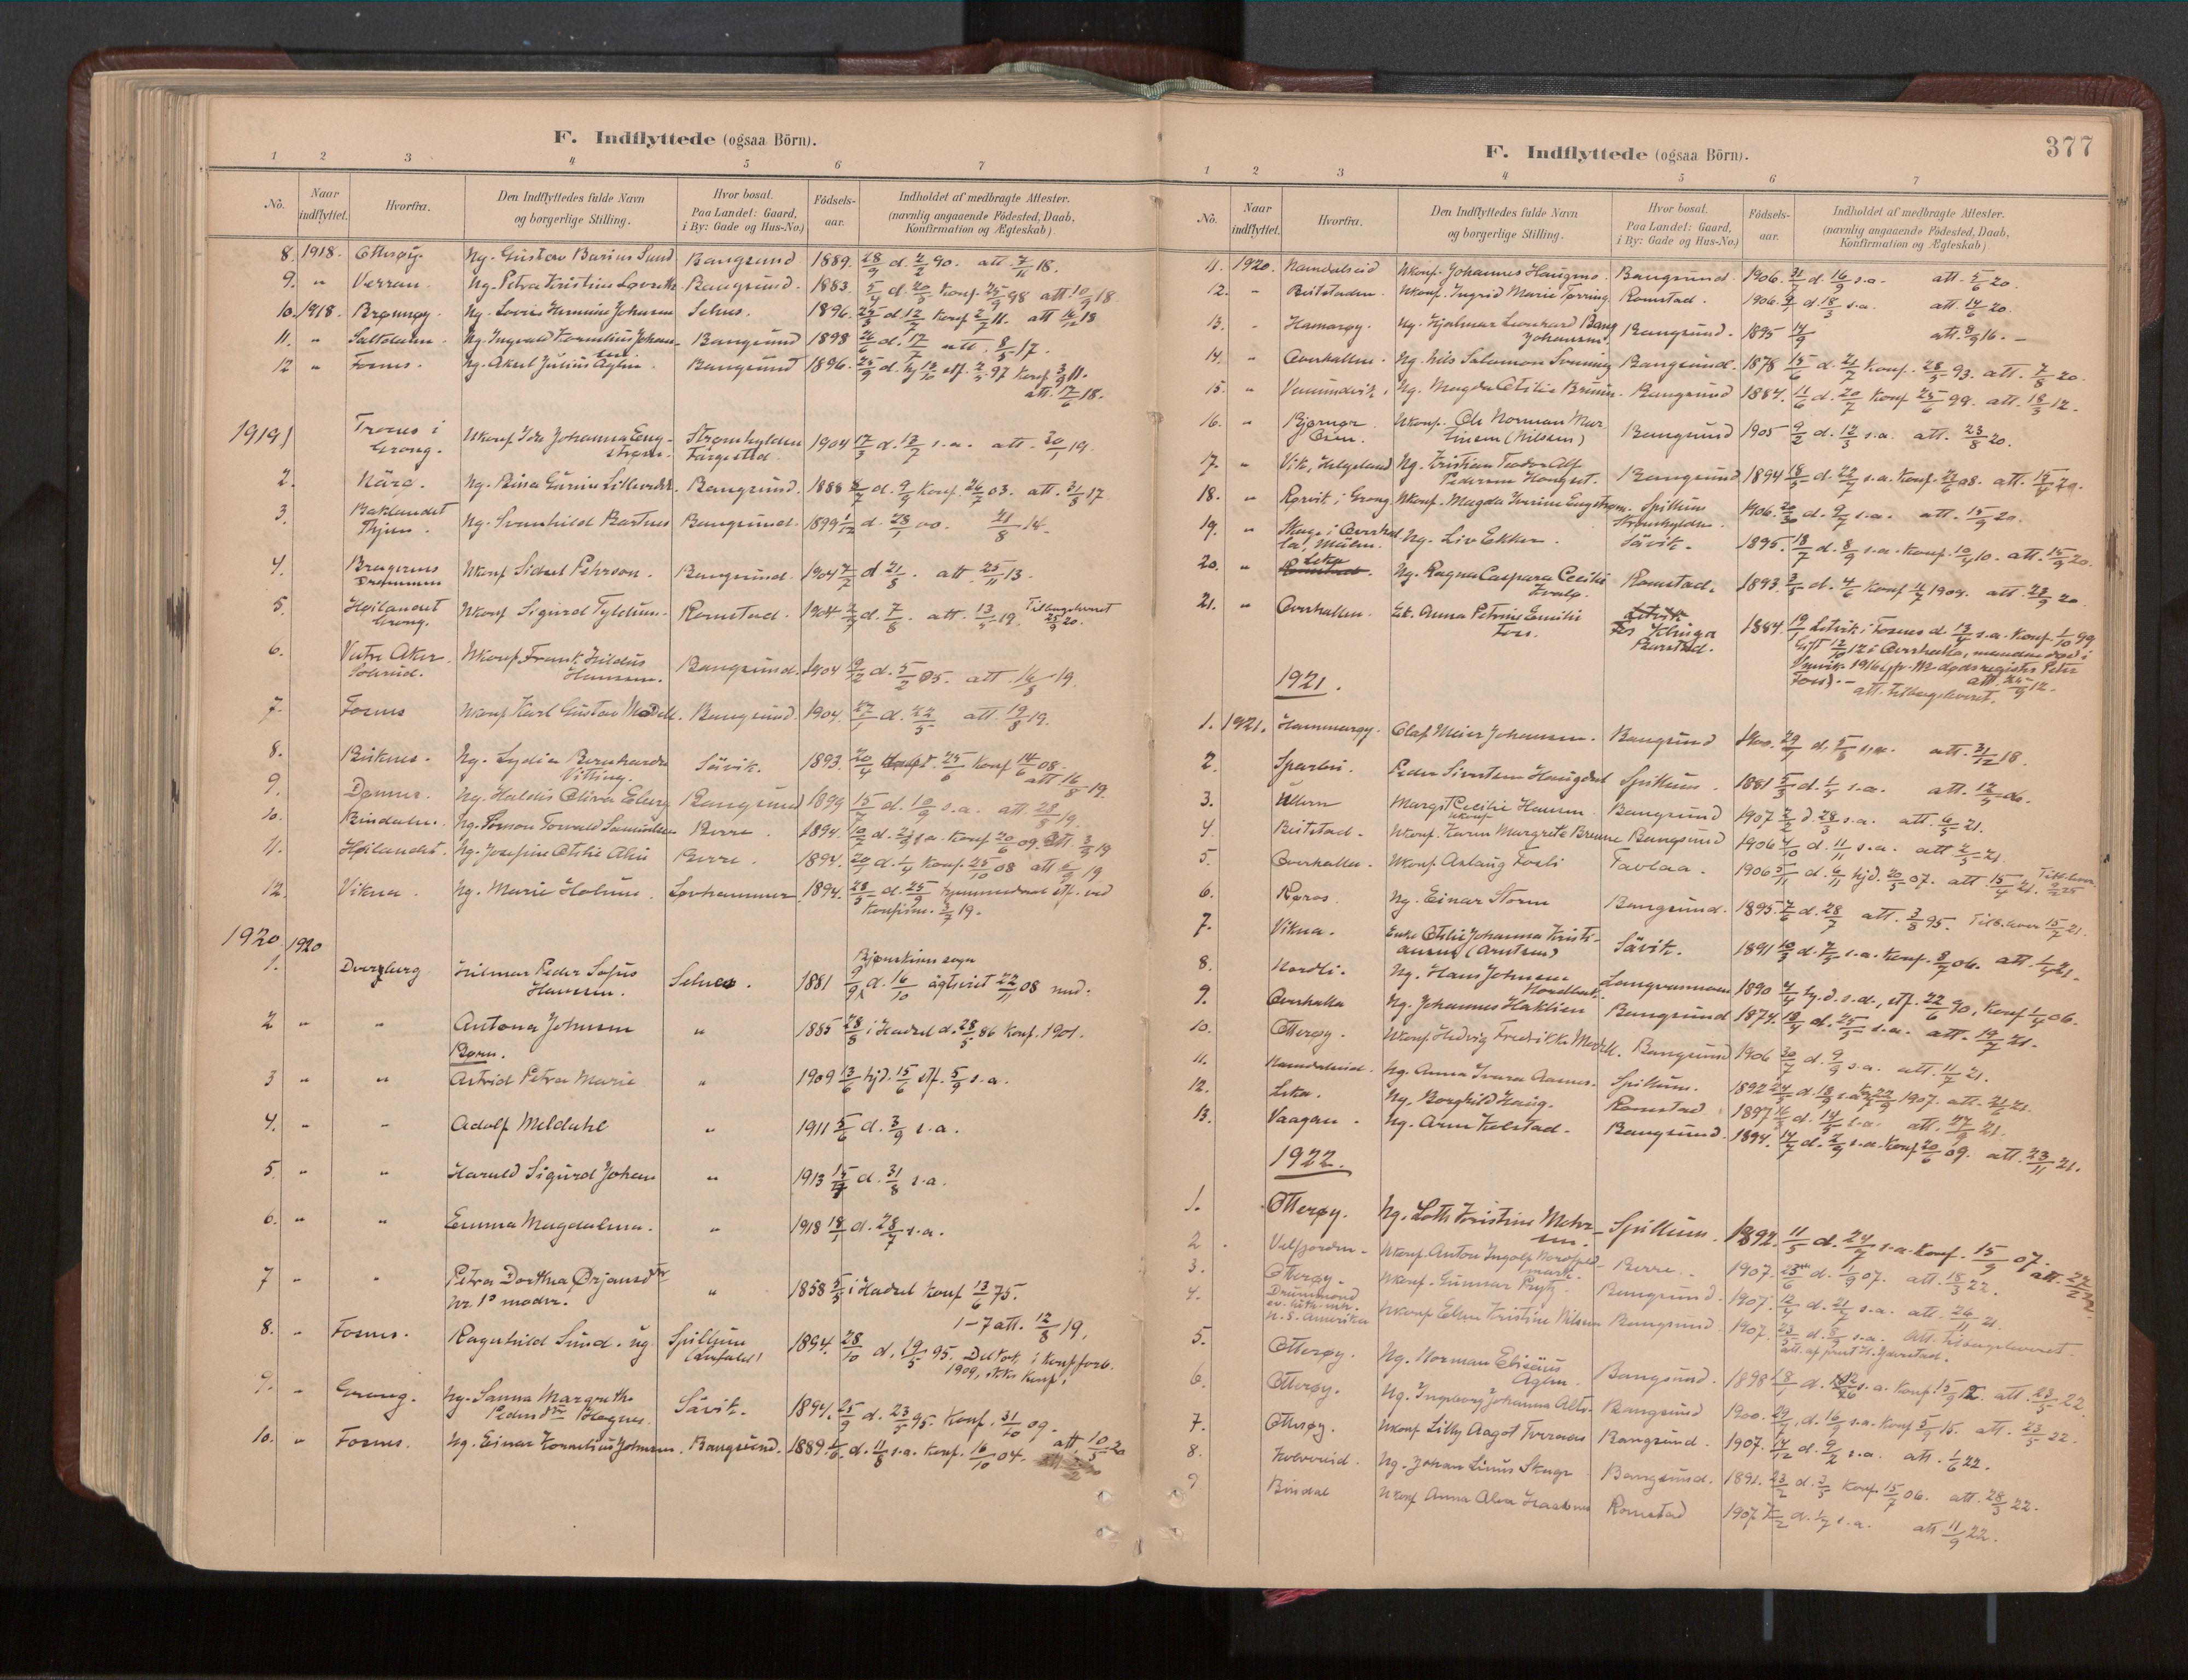 SAT, Ministerialprotokoller, klokkerbøker og fødselsregistre - Nord-Trøndelag, 770/L0589: Ministerialbok nr. 770A03, 1887-1929, s. 377